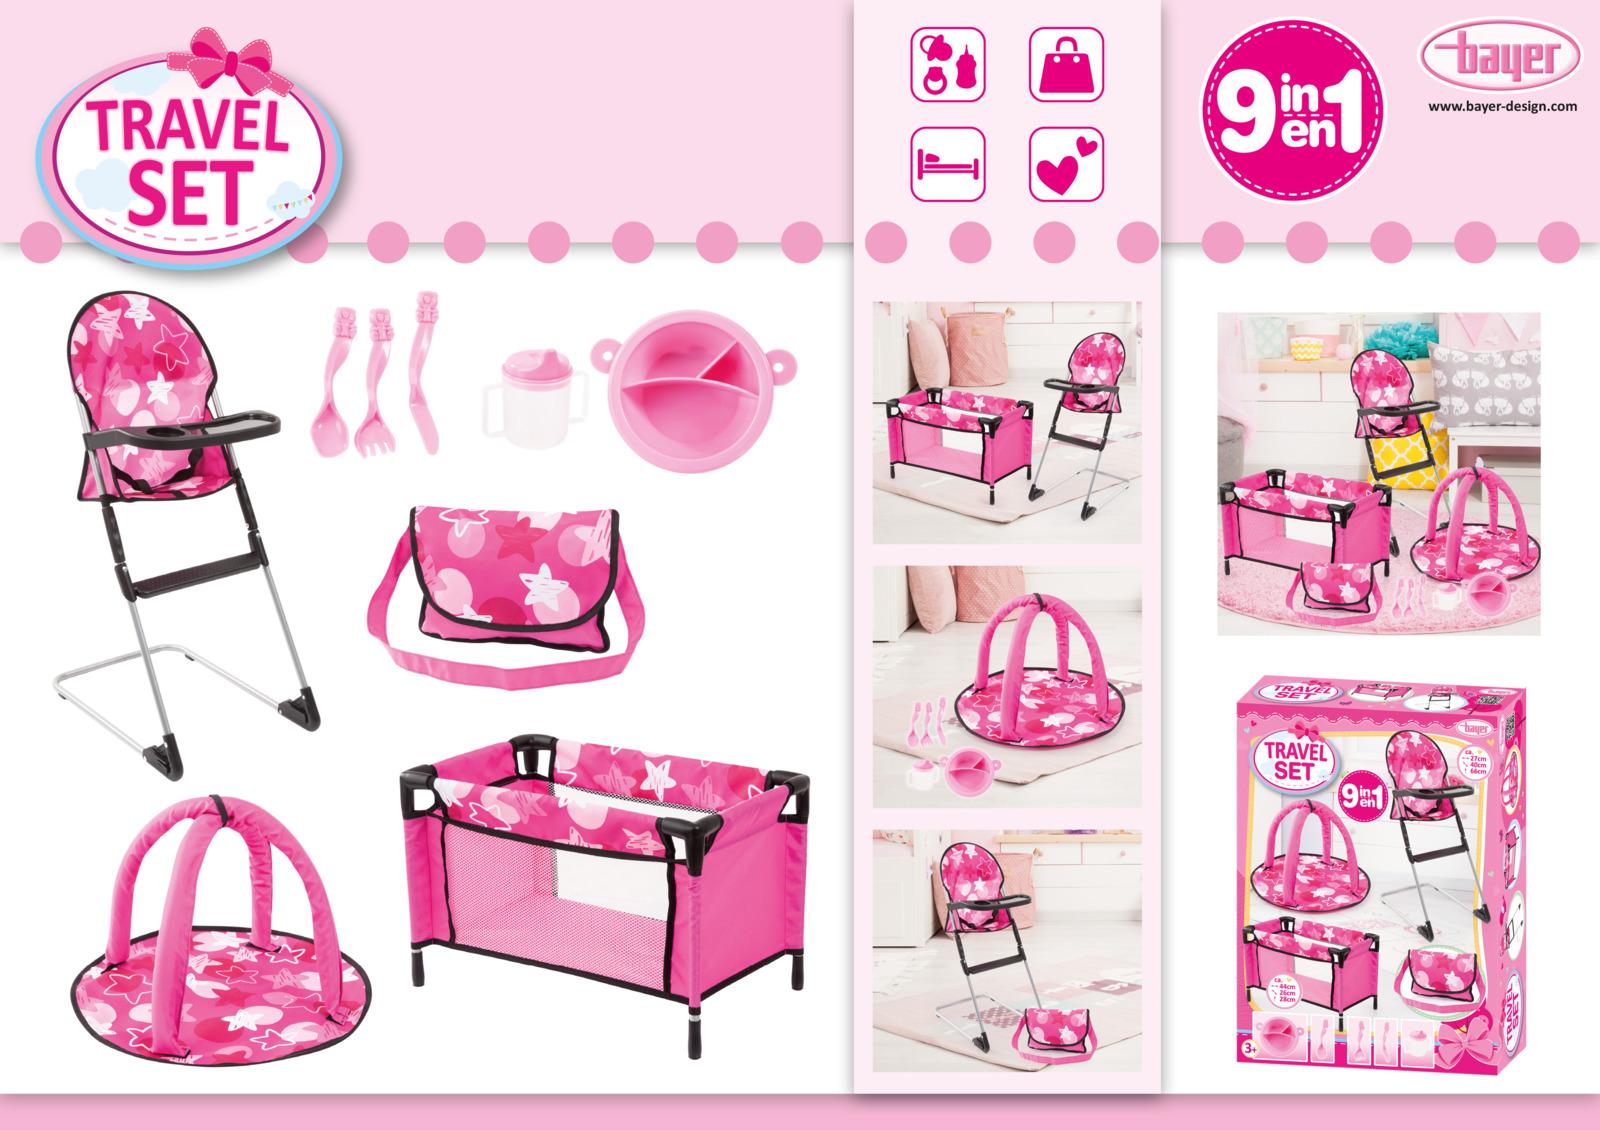 Набор для кукол Bayer Design, цвет: розовый, 9 предметов игровой набор с куклой bayer design 9387700